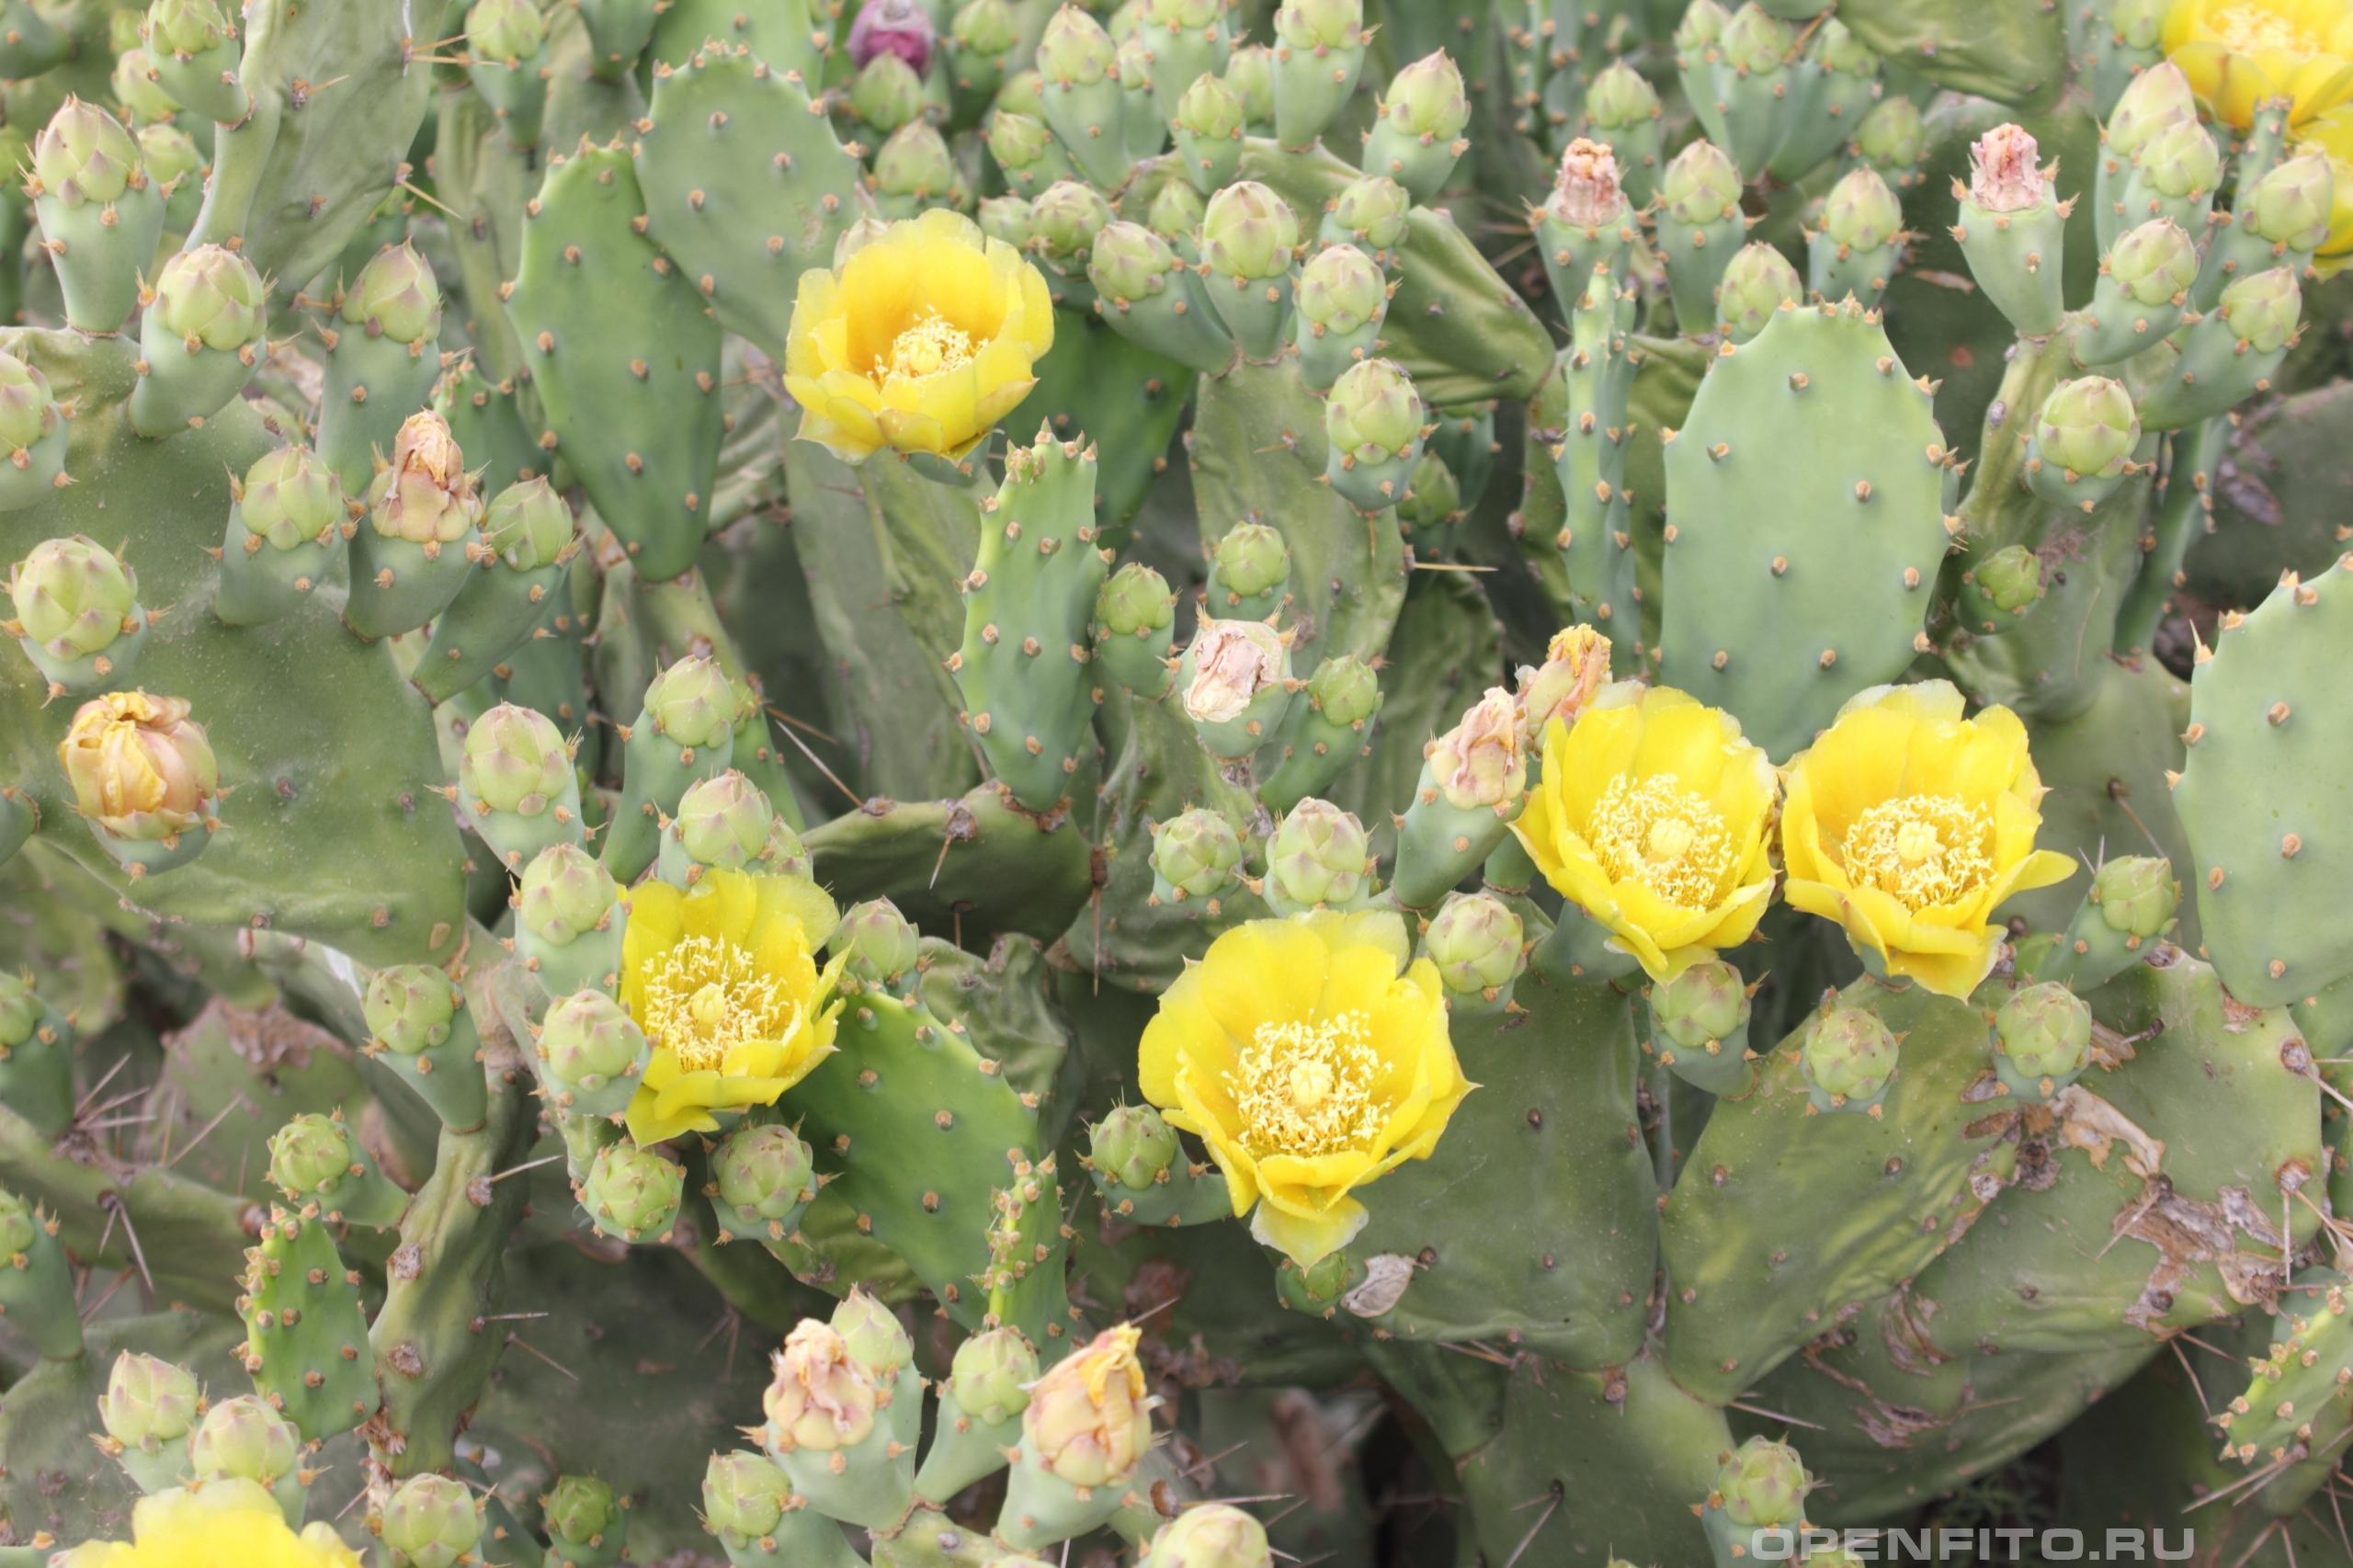 Опунция распростёртая растение из семейства кактусовых